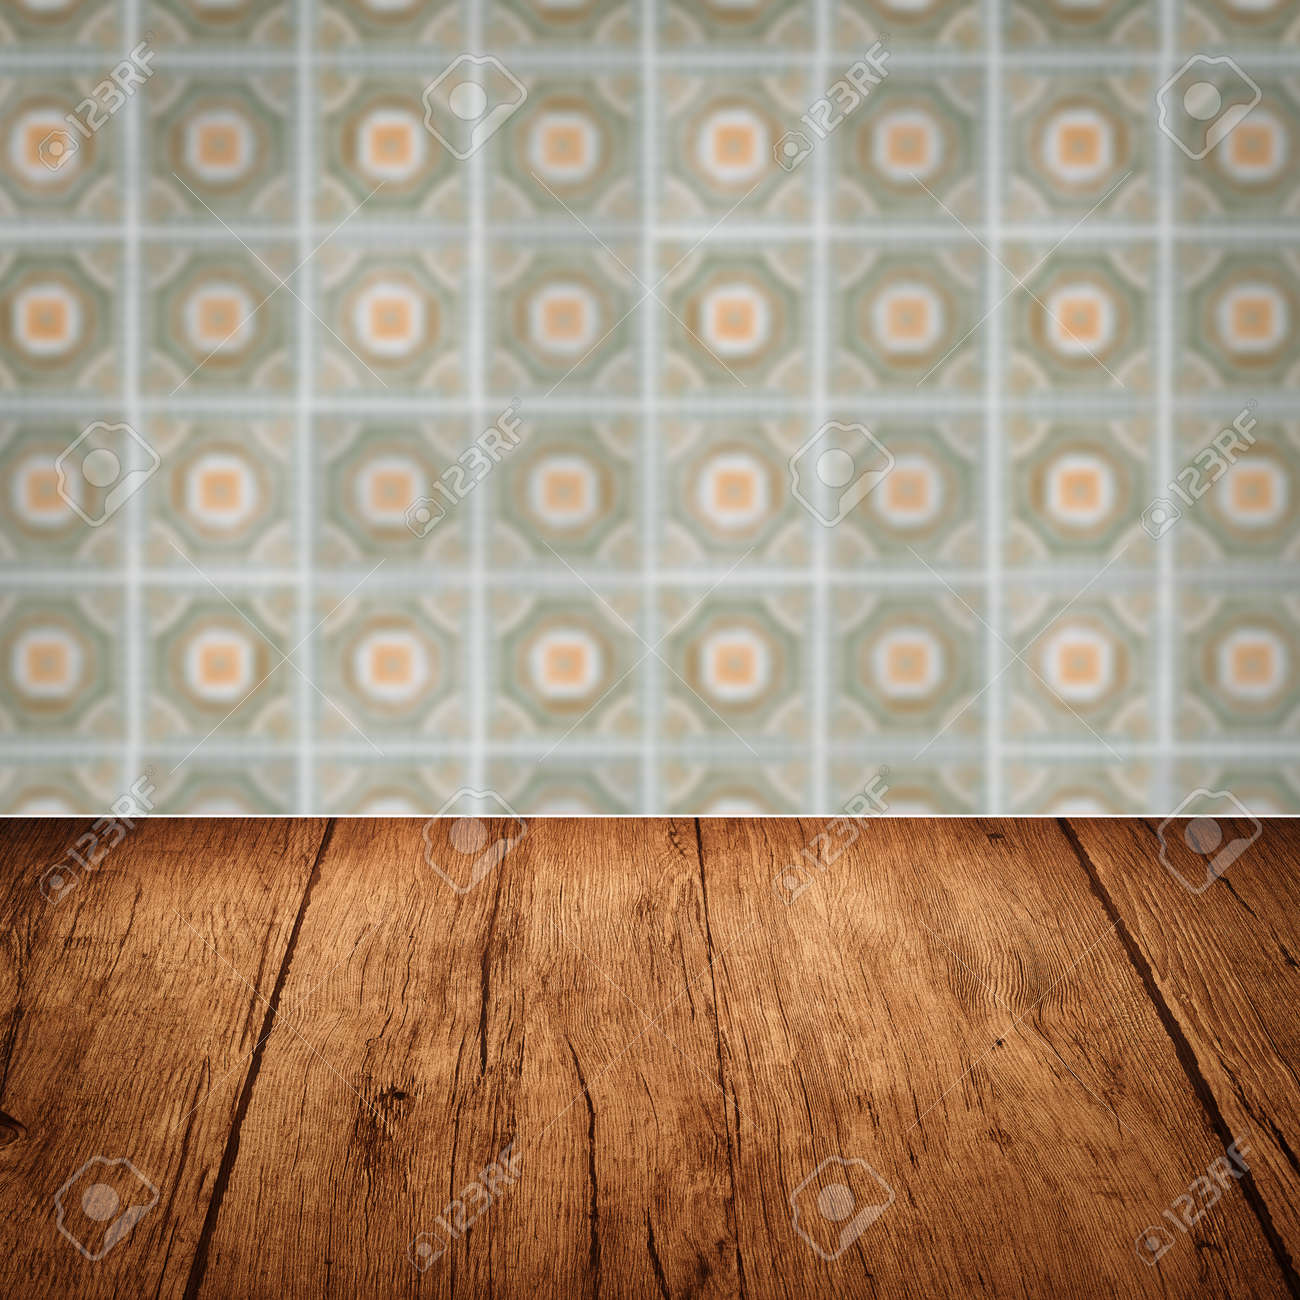 Leere Holz Tischplatte Und Unschärfe Vintage Keramik Fliesen Muster Wand Im  Hintergrund Standard Bild